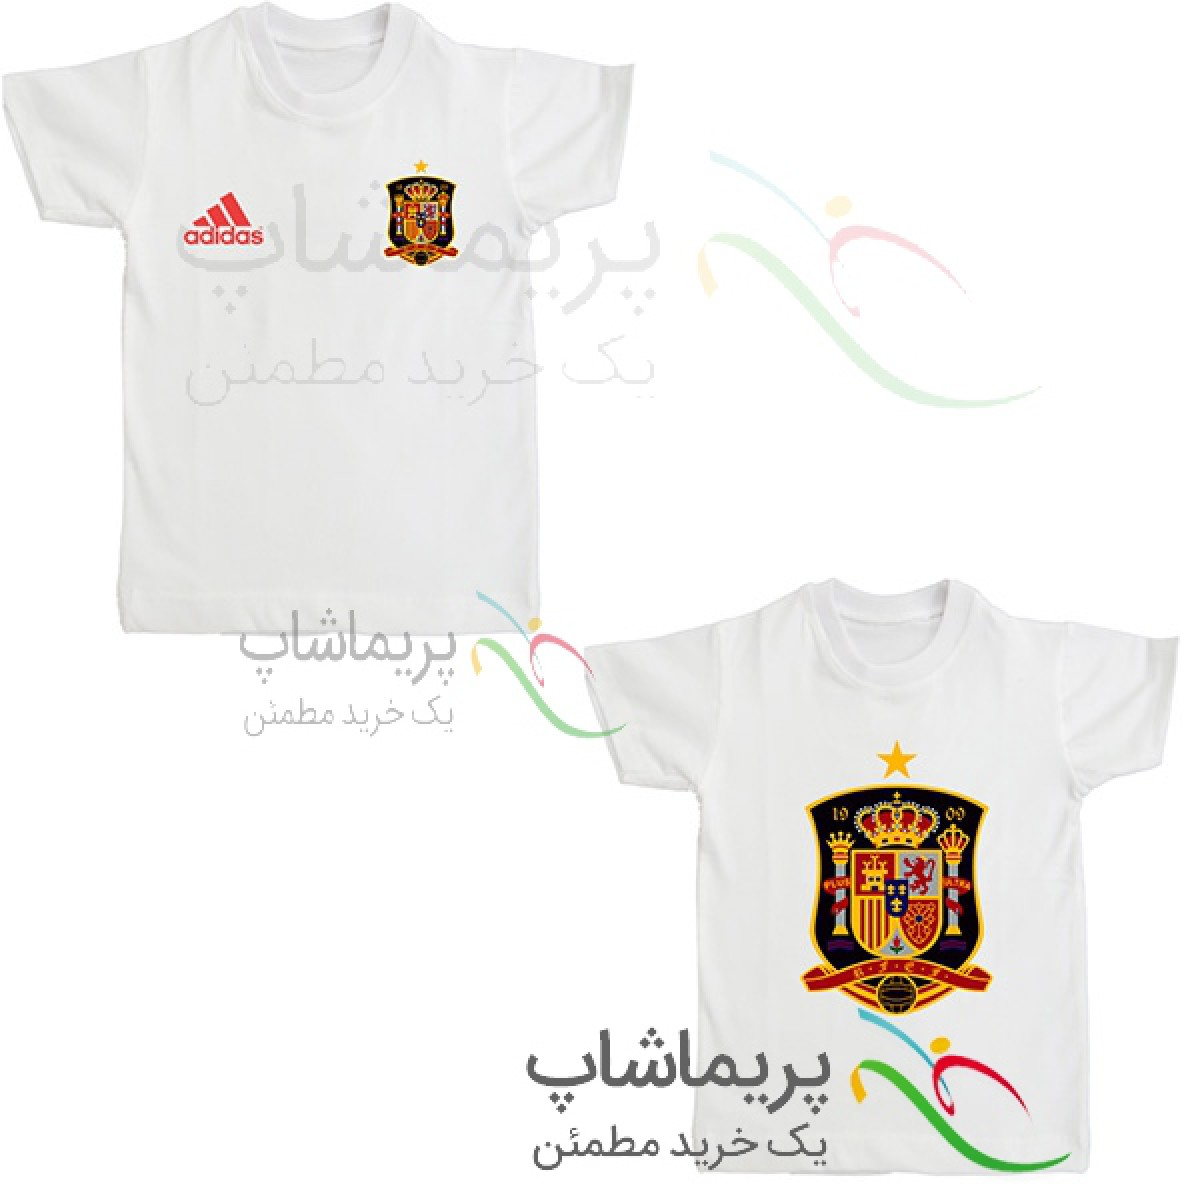 لباس هواداری اسپانیا بچه گانه